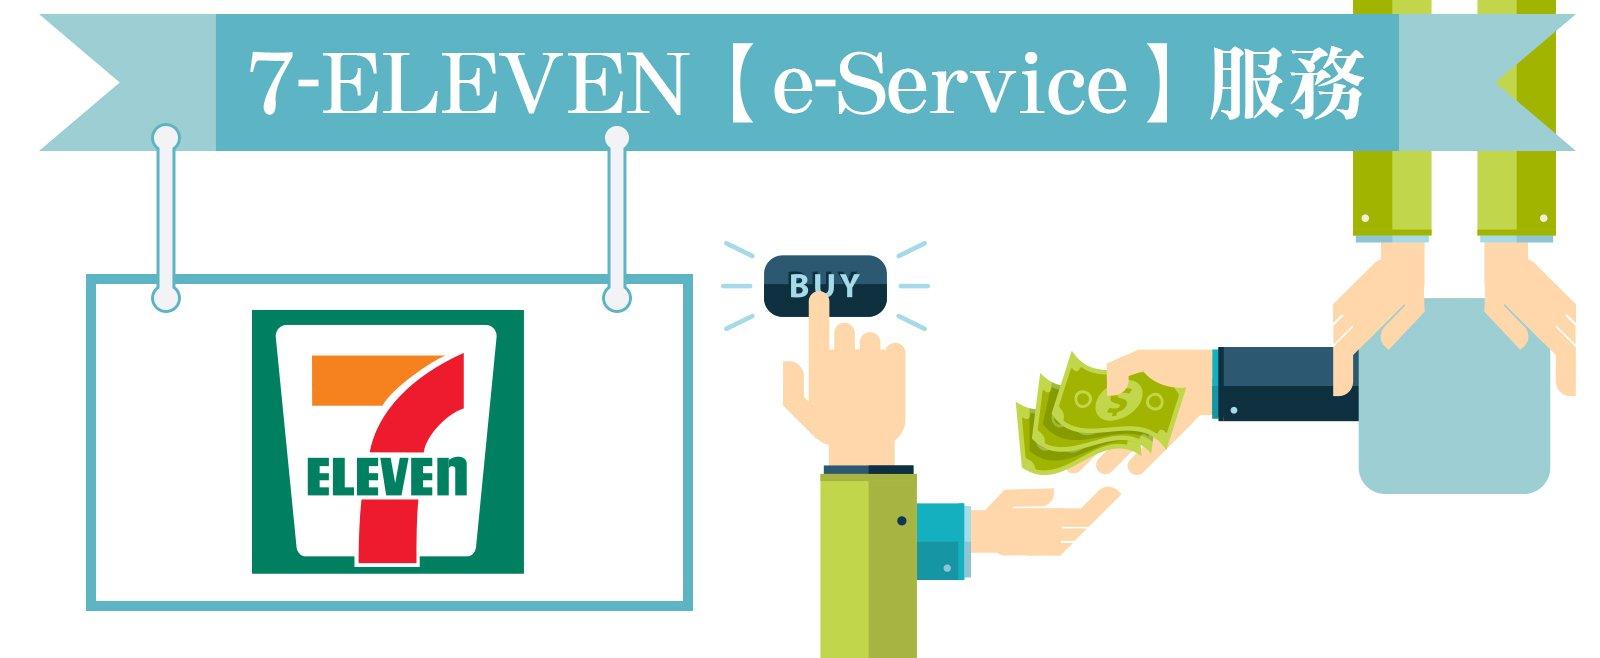 7-11 e-Service